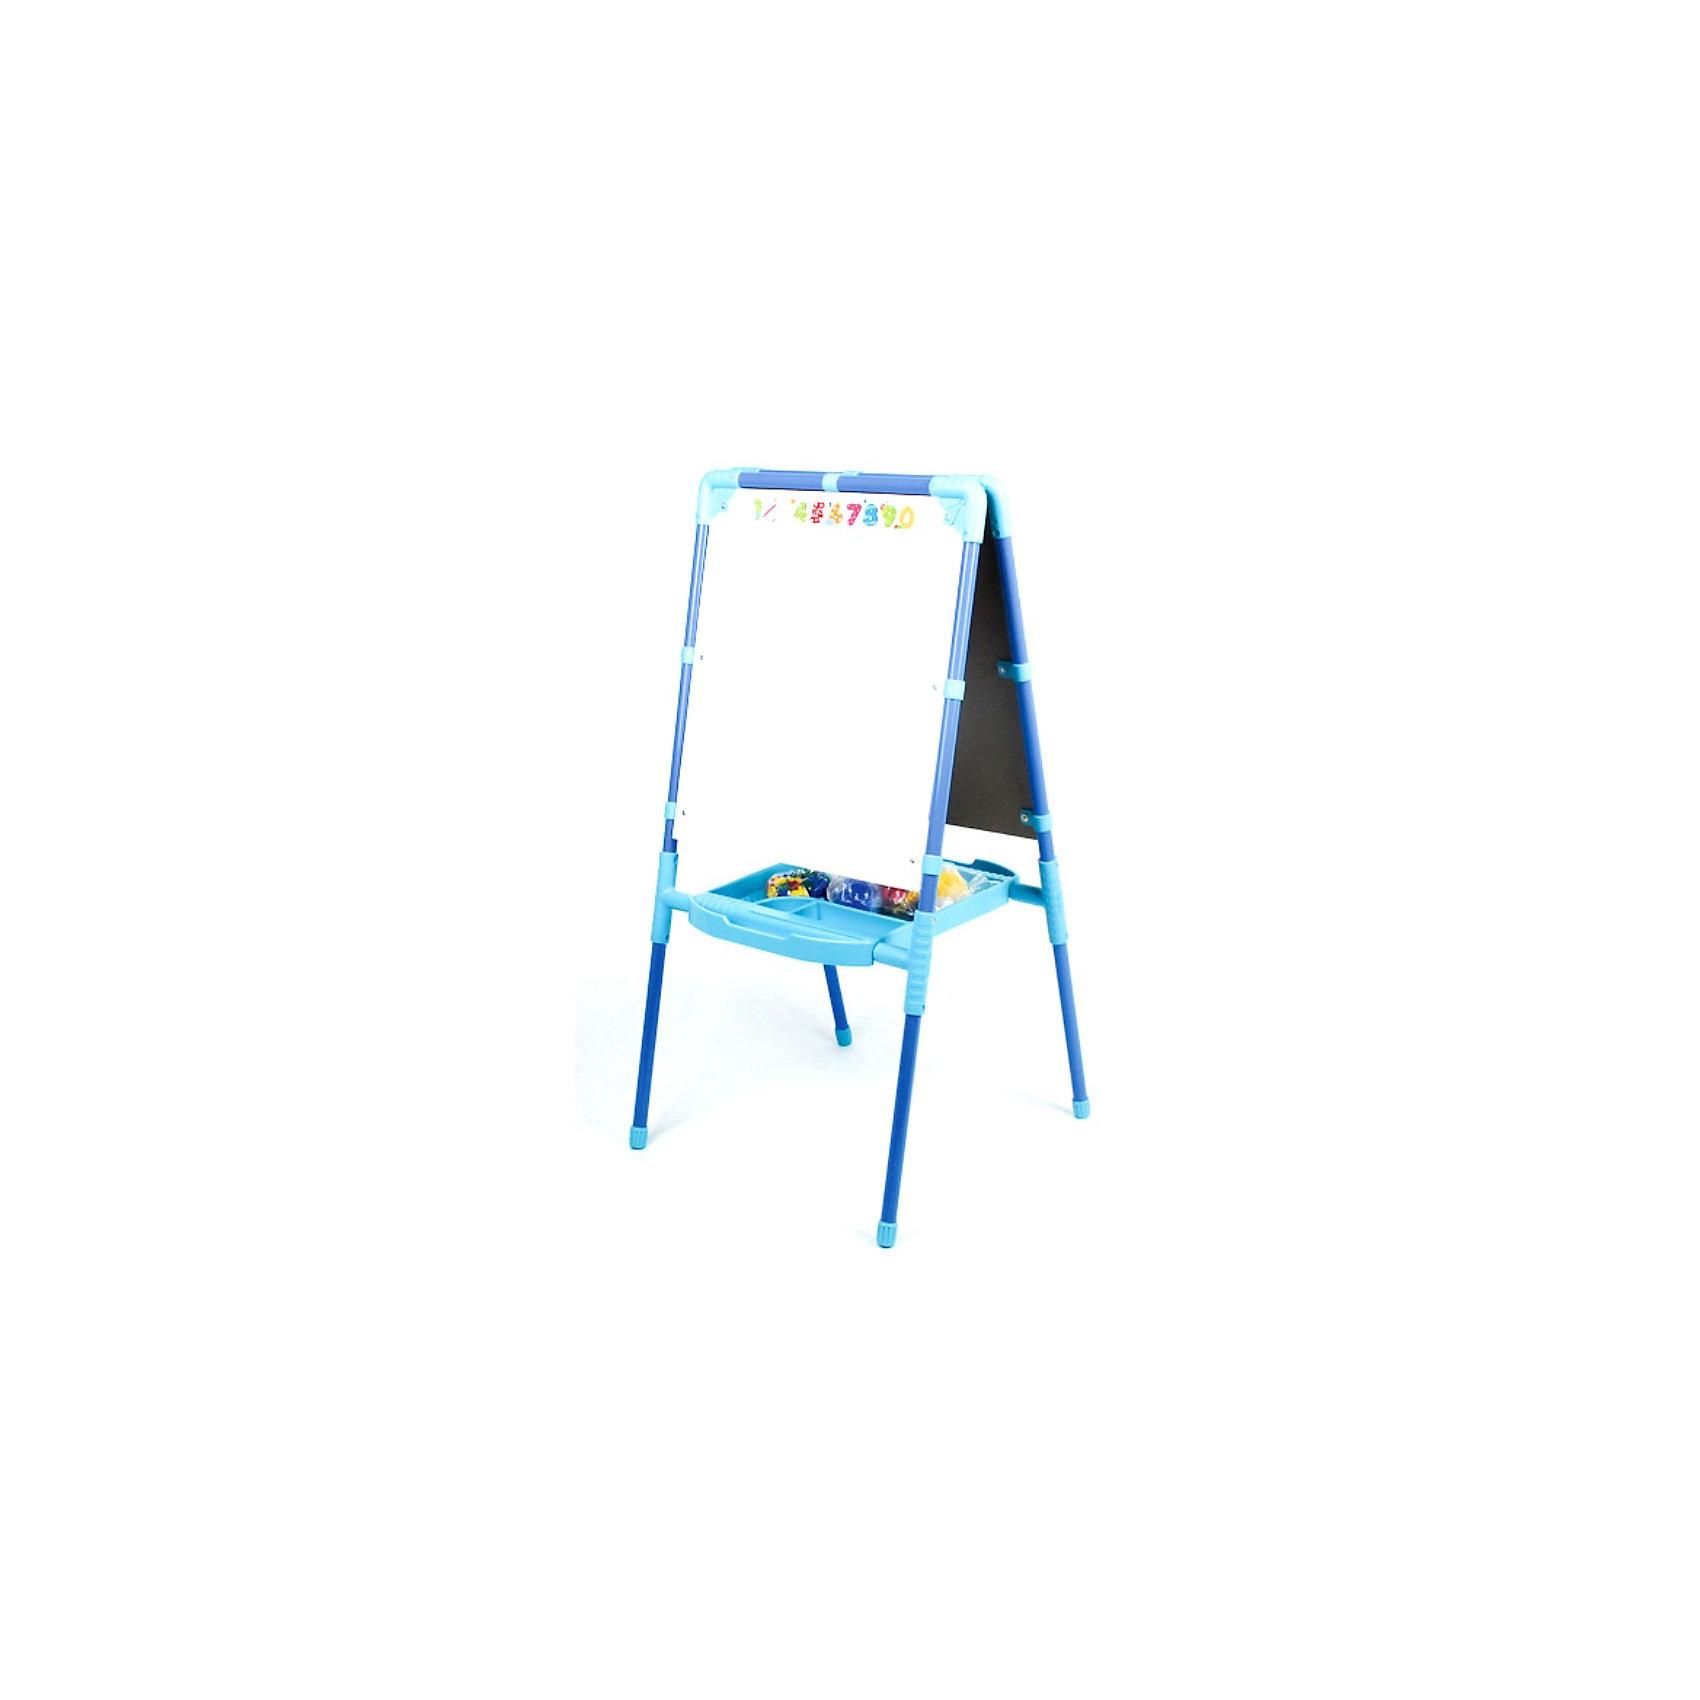 Двусторонний голубой мольберт с пеналом и азбукойДвусторонний голубой мольберт Ника поможет ребенку развить свои творческих способности и выучить буквы и цифры. Мольберт выполнен в голубом цвете и имеет две рабочие поверхности: белая магнитная (металл) и черная для рисования мелом. На магнитной поверхности можно рисовать маркером, а также изучать азбуку и составлять слова, с помощью набора магнитных букв, которые входят в комплект. На мольберт можно закрепить лист бумаги необходимым количеством магнитов и рисовать красками.<br><br>Две рабочие поверхности дают возможность заниматься сразу двум детям одновременно. У мольберта имеется большой пластиковый пенал-поддон, в котором можно хранить нужные для рисования и занятий предметы, он также улучшает устойчивость мольберта. Мольберт легко складывается и не занимает много места.<br><br>Дополнительная информация:<br><br>- Цвет: голубой.<br>- В комплект входят пенал, набор магнитных букв русского алфавита, цифр и знаков препинания (размер знаков 3,5 см). <br>- Материал: металл, пластмасса.<br>- Размер рабочей поверхности: 53 х 47 см.<br>- Размер в разложенном виде: 52, 5 х 102 х 44,5 см.<br>- Размер упаковки: 55 х 113 х 7,5 см.<br>- Вес: 7 кг.<br><br>Детский двусторонний голубой мольберт с азбукой Ника можно купить в нашем интернет-магазине.<br><br>Ширина мм: 52<br>Глубина мм: 53<br>Высота мм: 104<br>Вес г: 7000<br>Возраст от месяцев: 24<br>Возраст до месяцев: 60<br>Пол: Унисекс<br>Возраст: Детский<br>SKU: 3571146